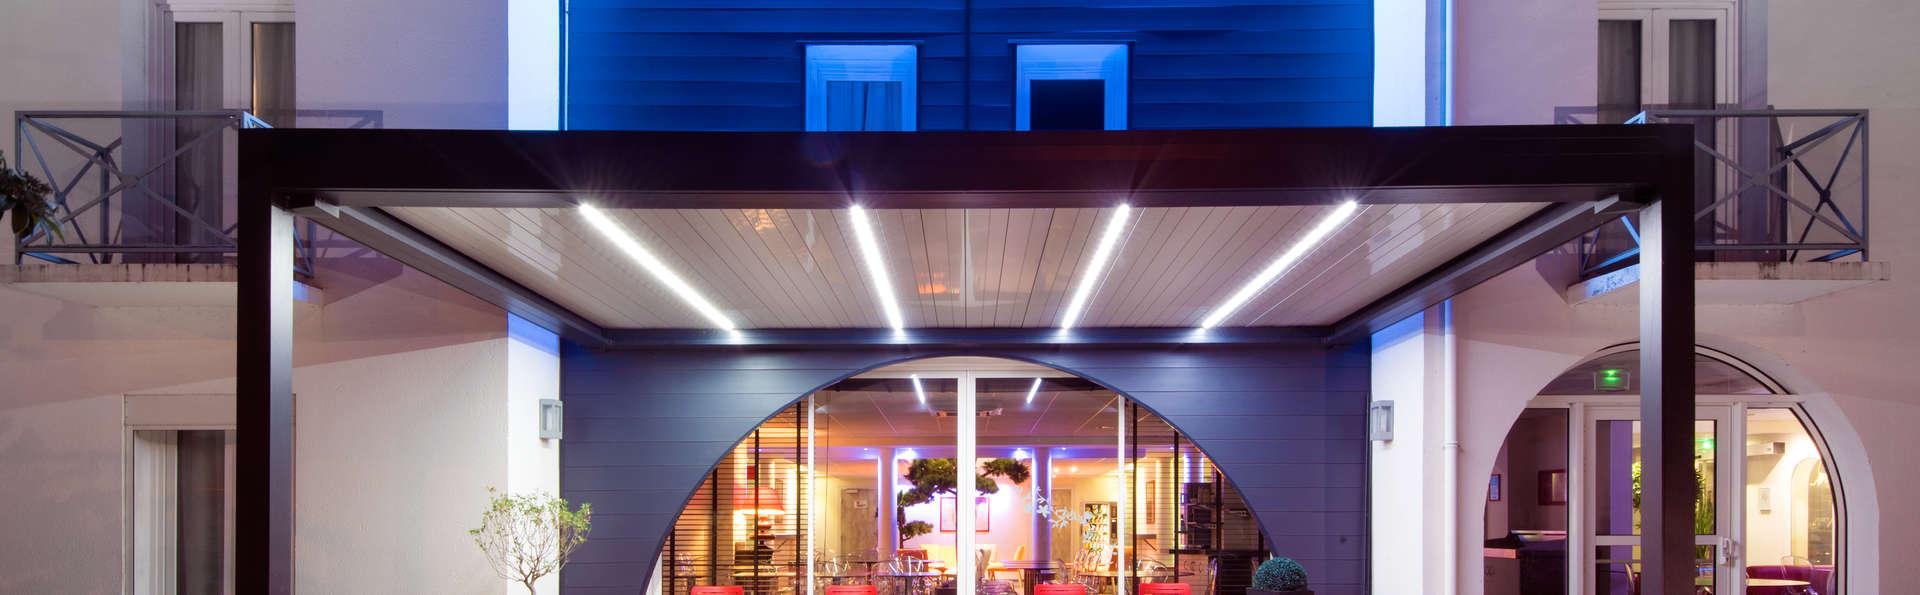 Hotel Kyriad La Rochelle Centre Ville - Kyriad_La_Rochelle_Aline_Nedelec_3.jpg